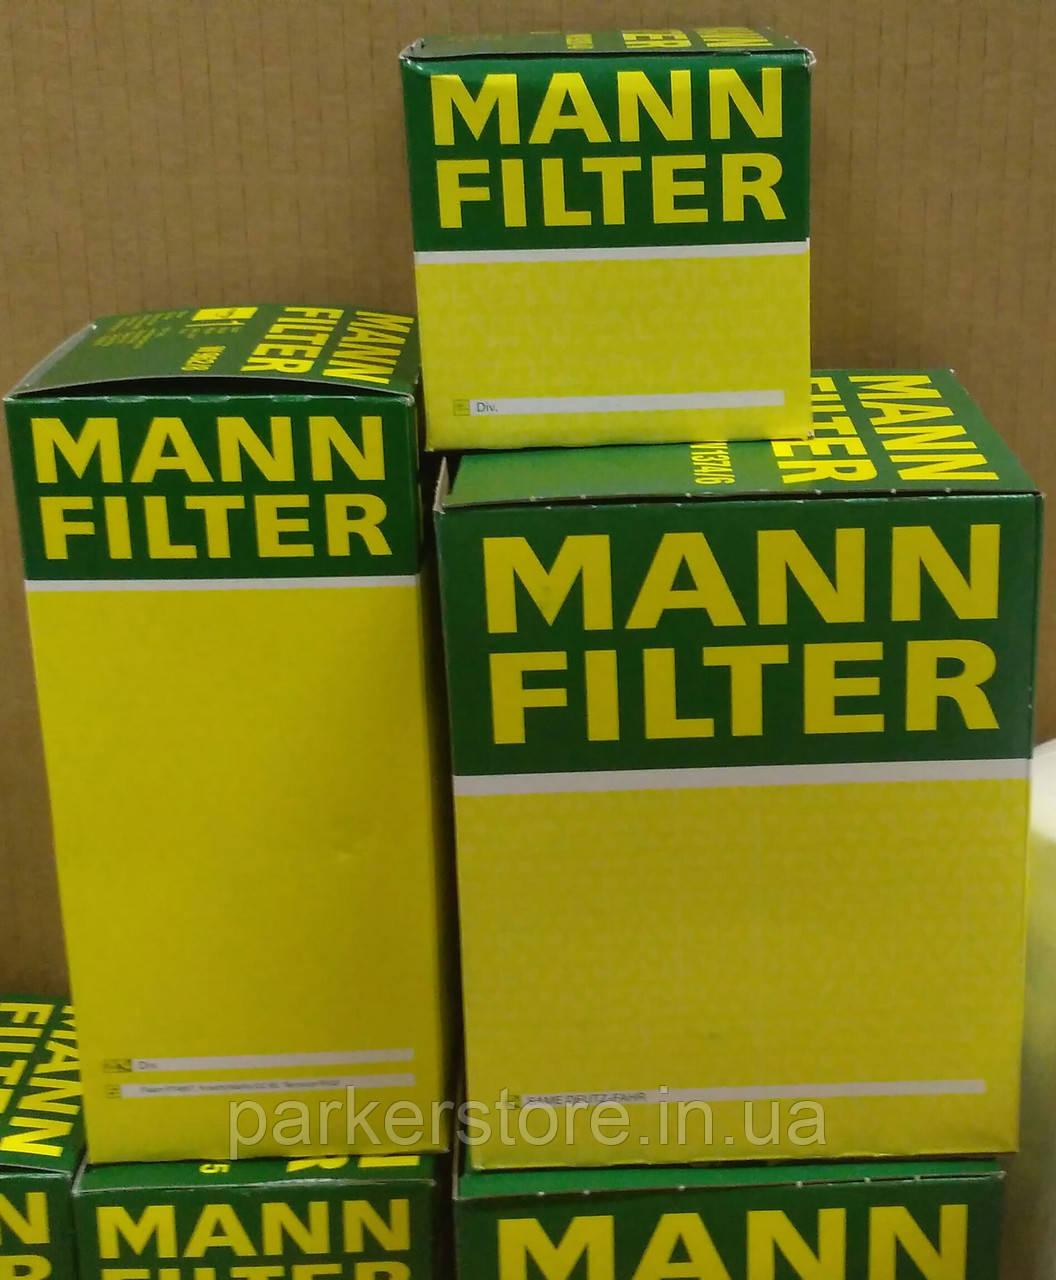 MANN FILTER / Воздушный фильтр / C 1632 / C1632